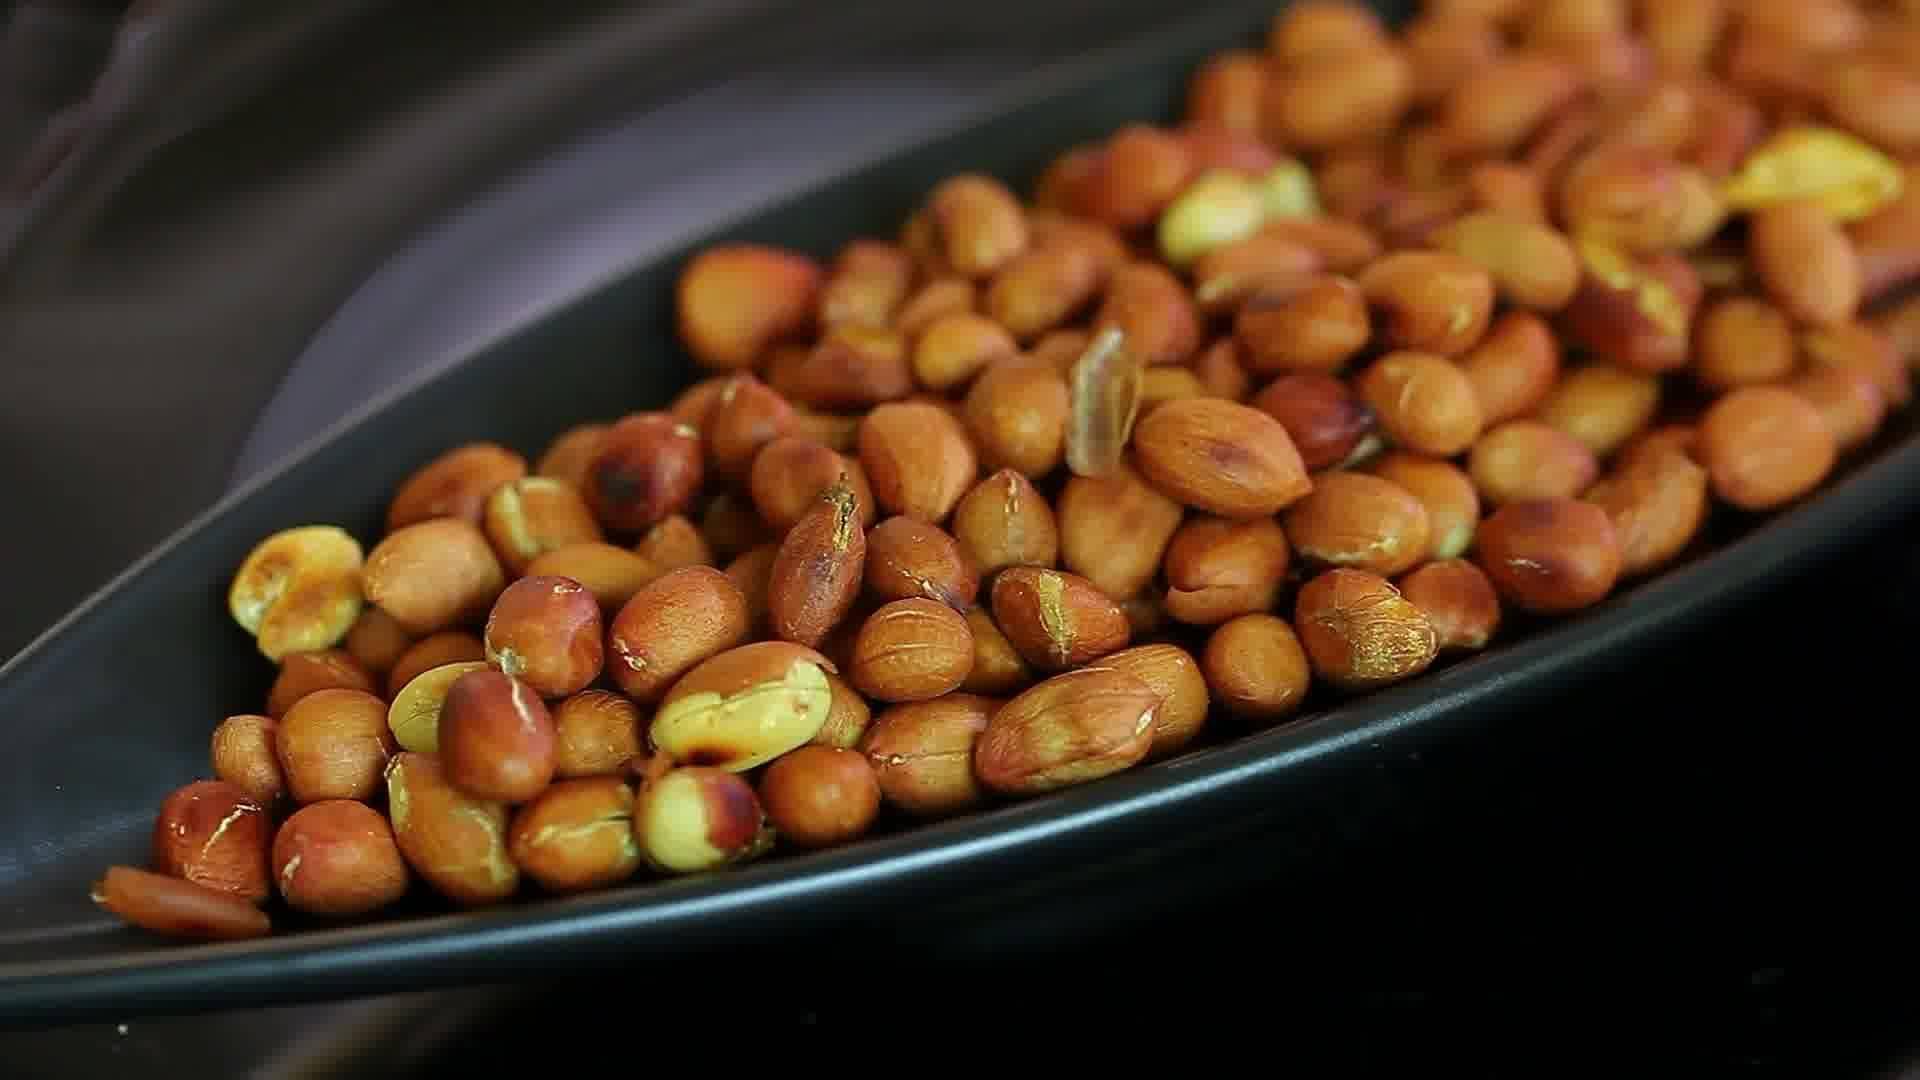 Как очистить арахис от шелухи и скорлупы, как хранить его в домашних условиях и фото